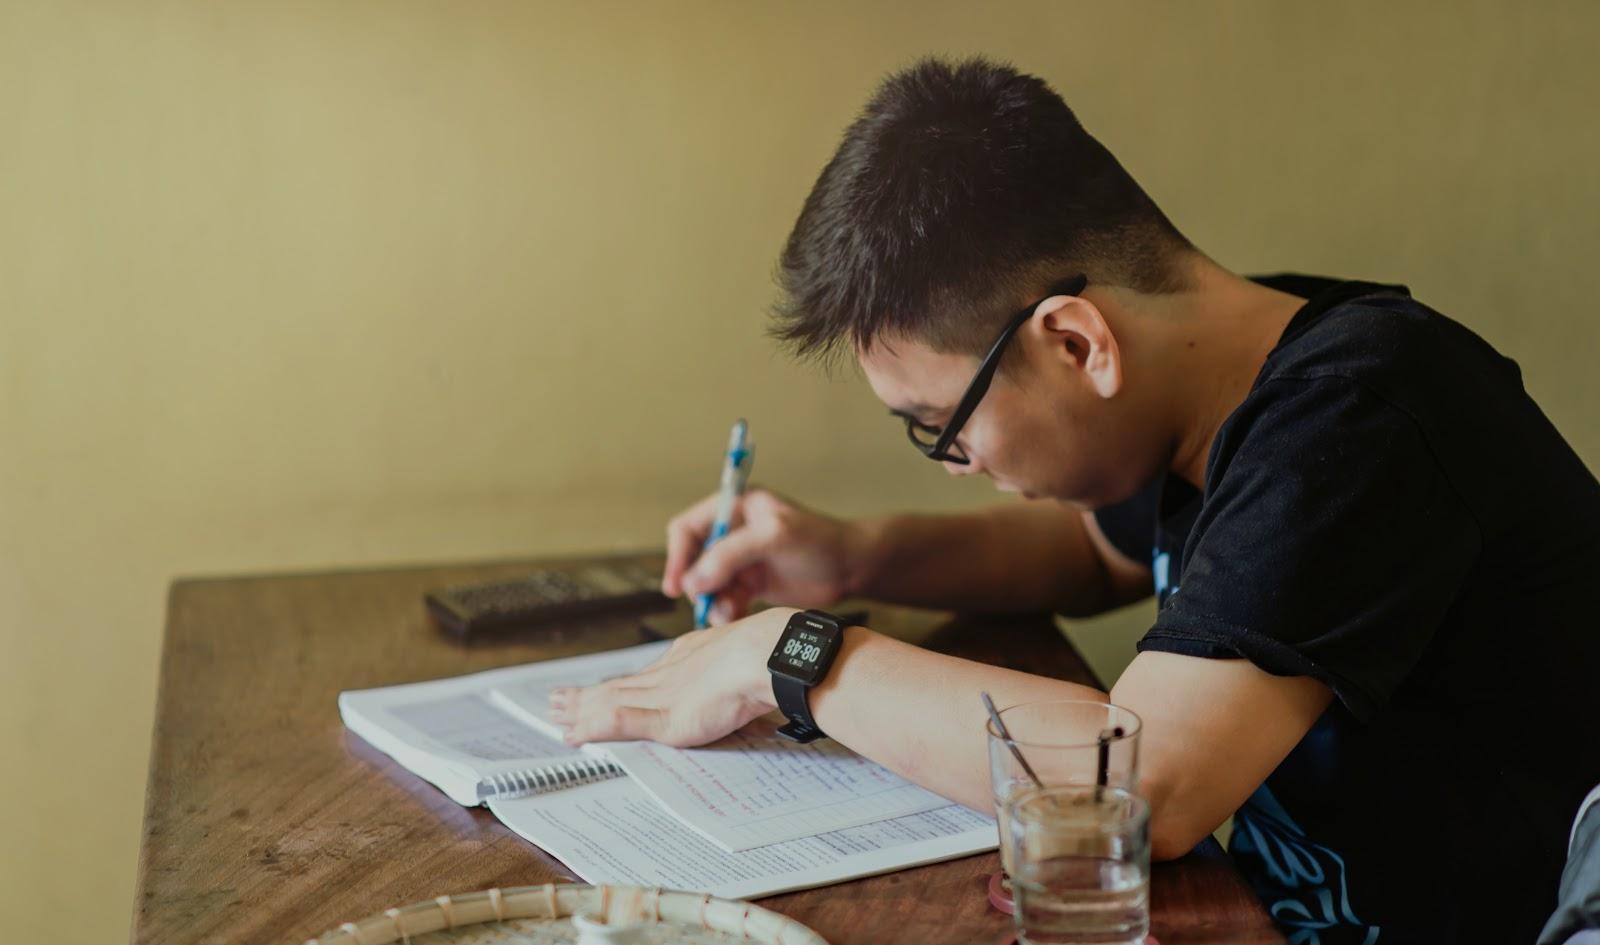 Praticar a escrita te ajuda a obter melhores resultados! (Fonte: Min An/Pexels)